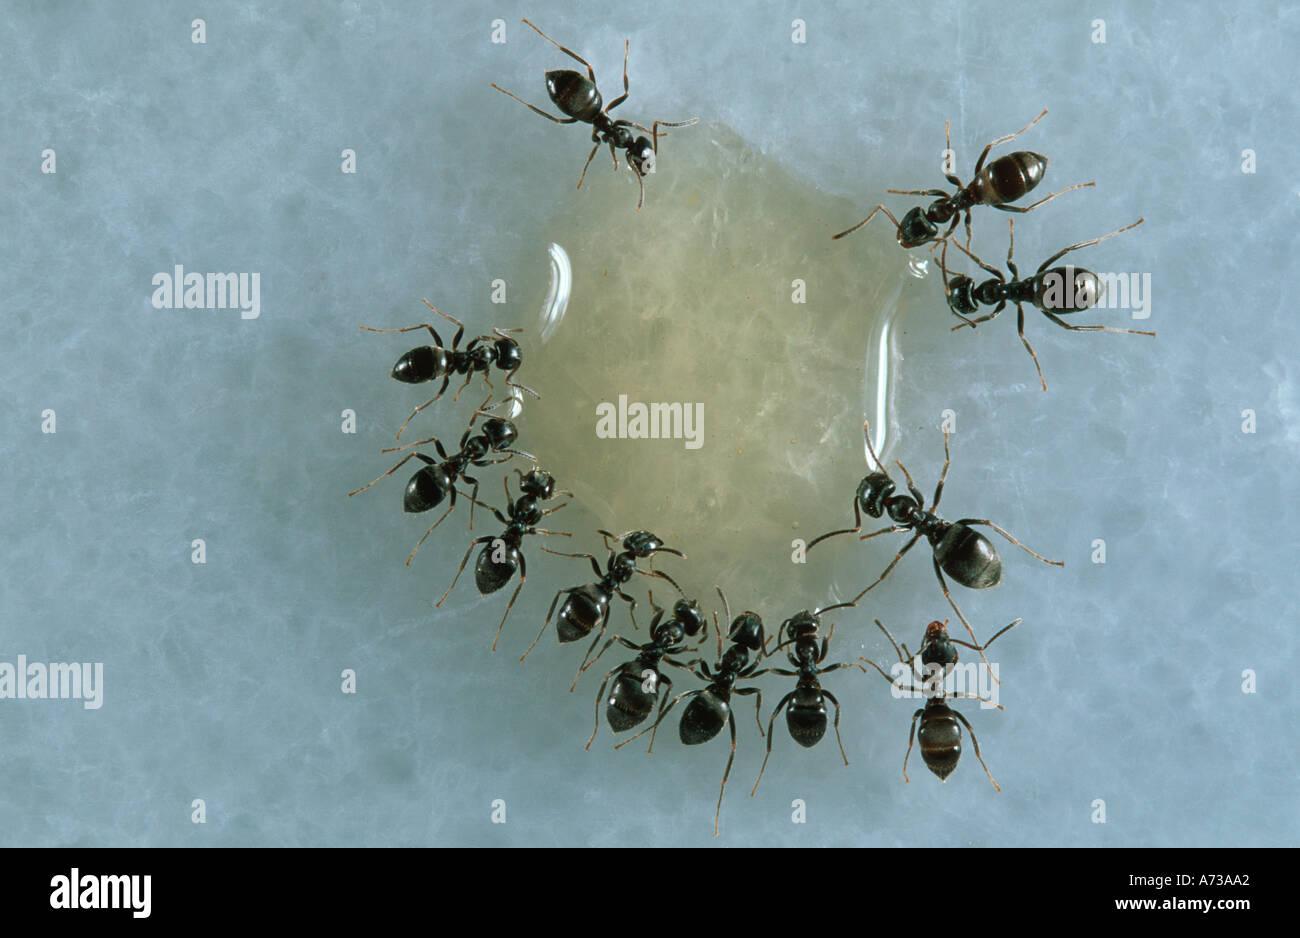 Common House Ants Lasius Grandis Stock Photos & Common House Ants ...